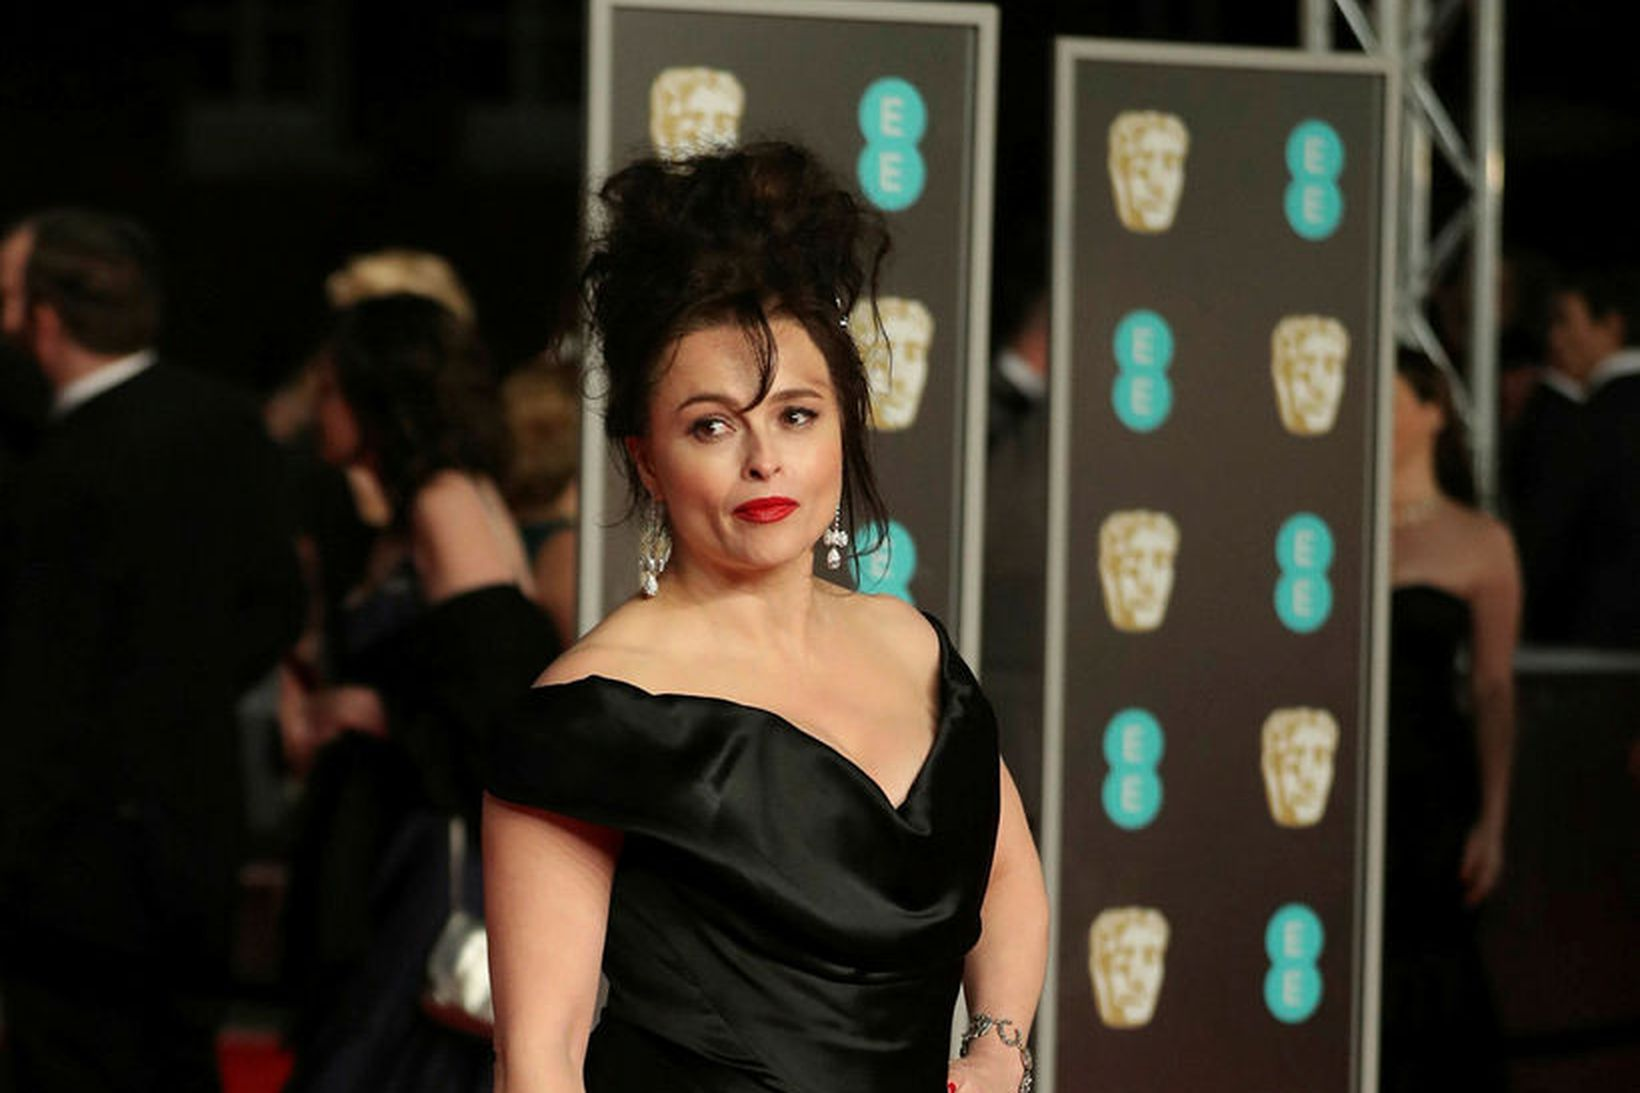 Helena Bonham Carter segir aldursmuninn vera tilviljun.